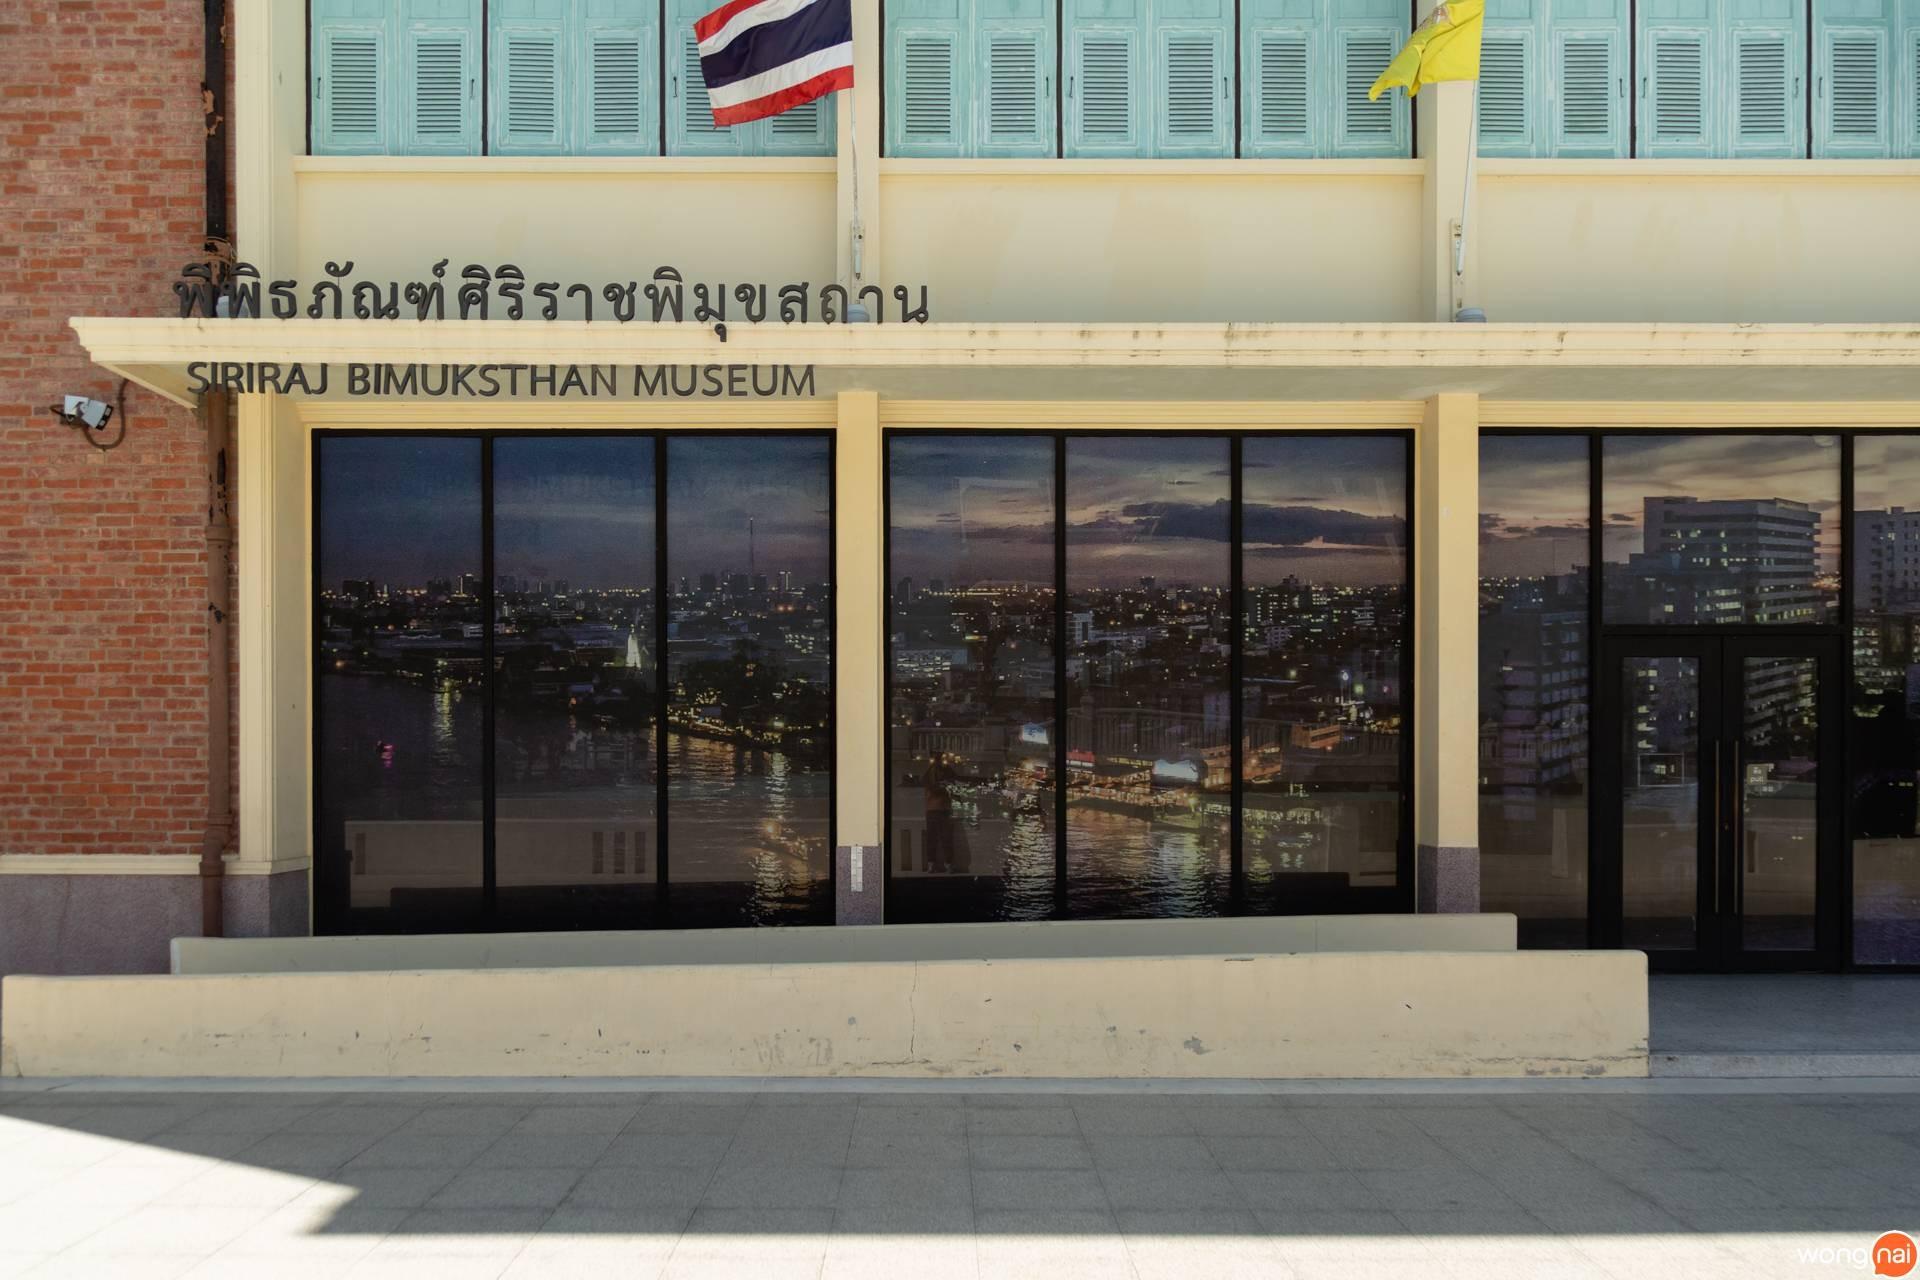 พิพิธภัณฑ์ศิริราชพิมุขสถาน